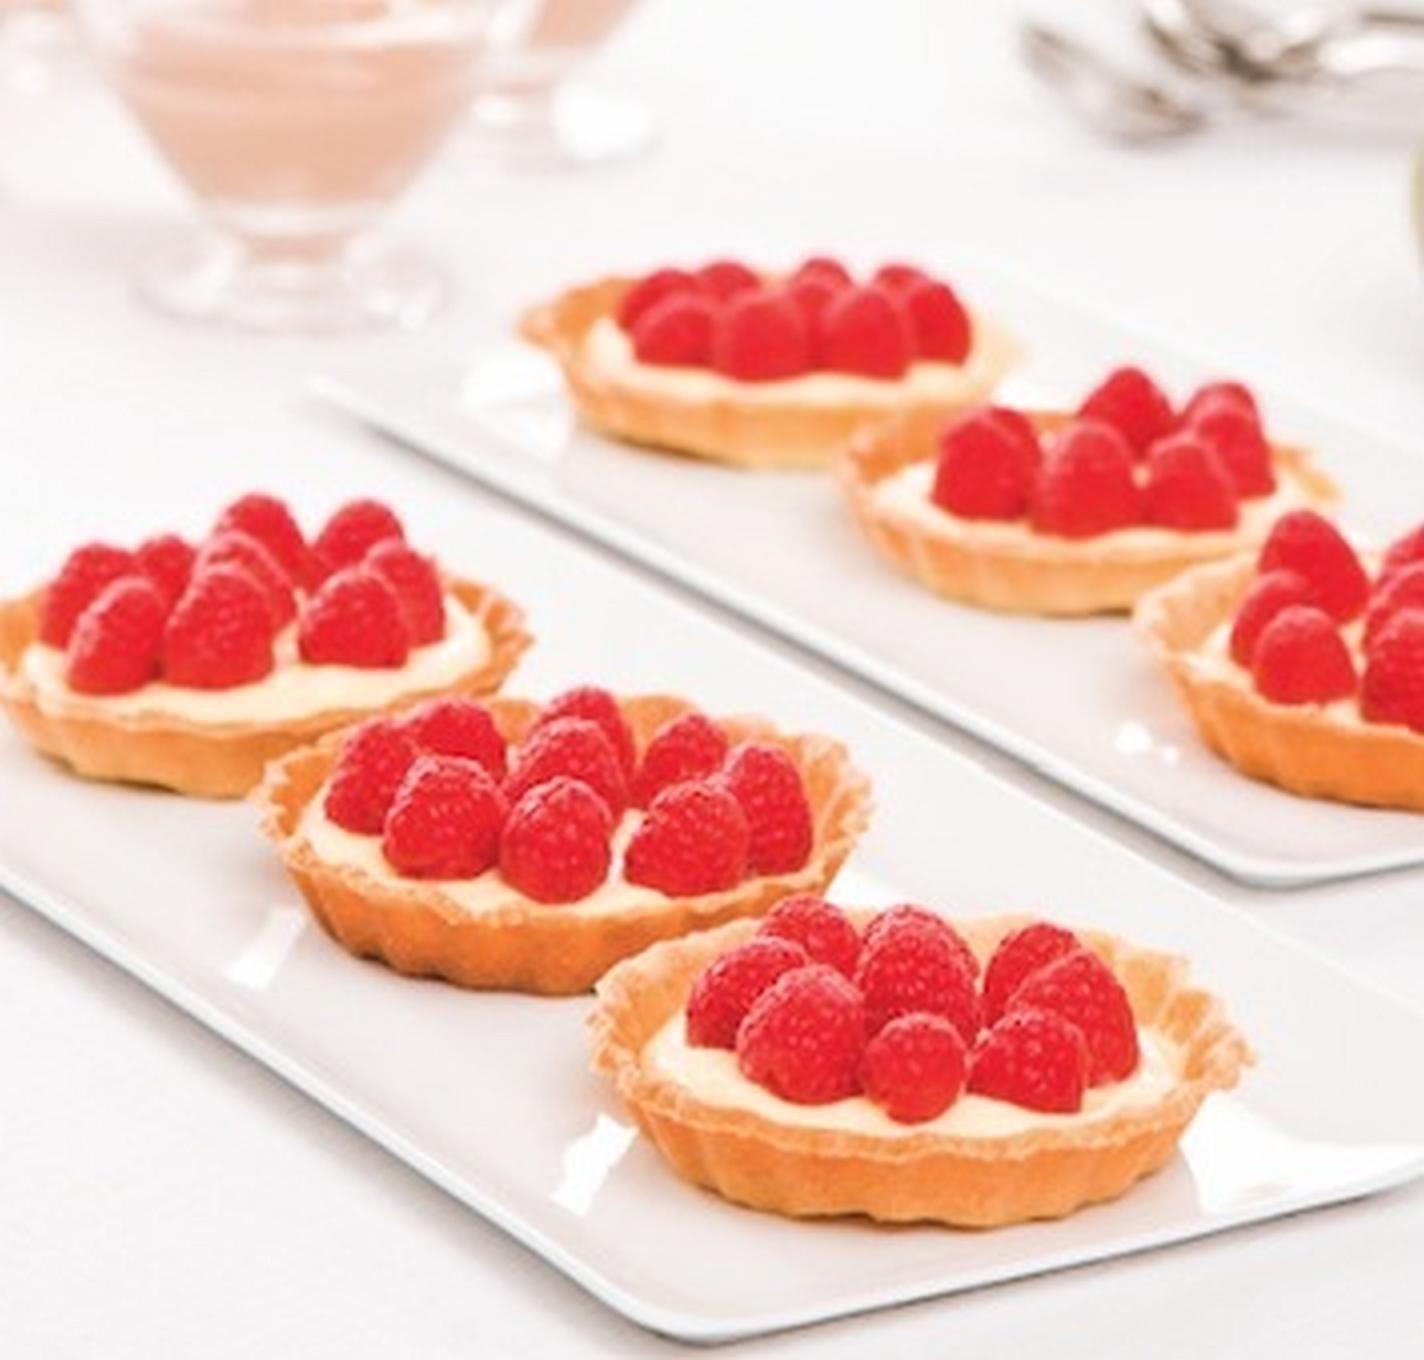 Wyrafinowany deser – Minitarta z malinami